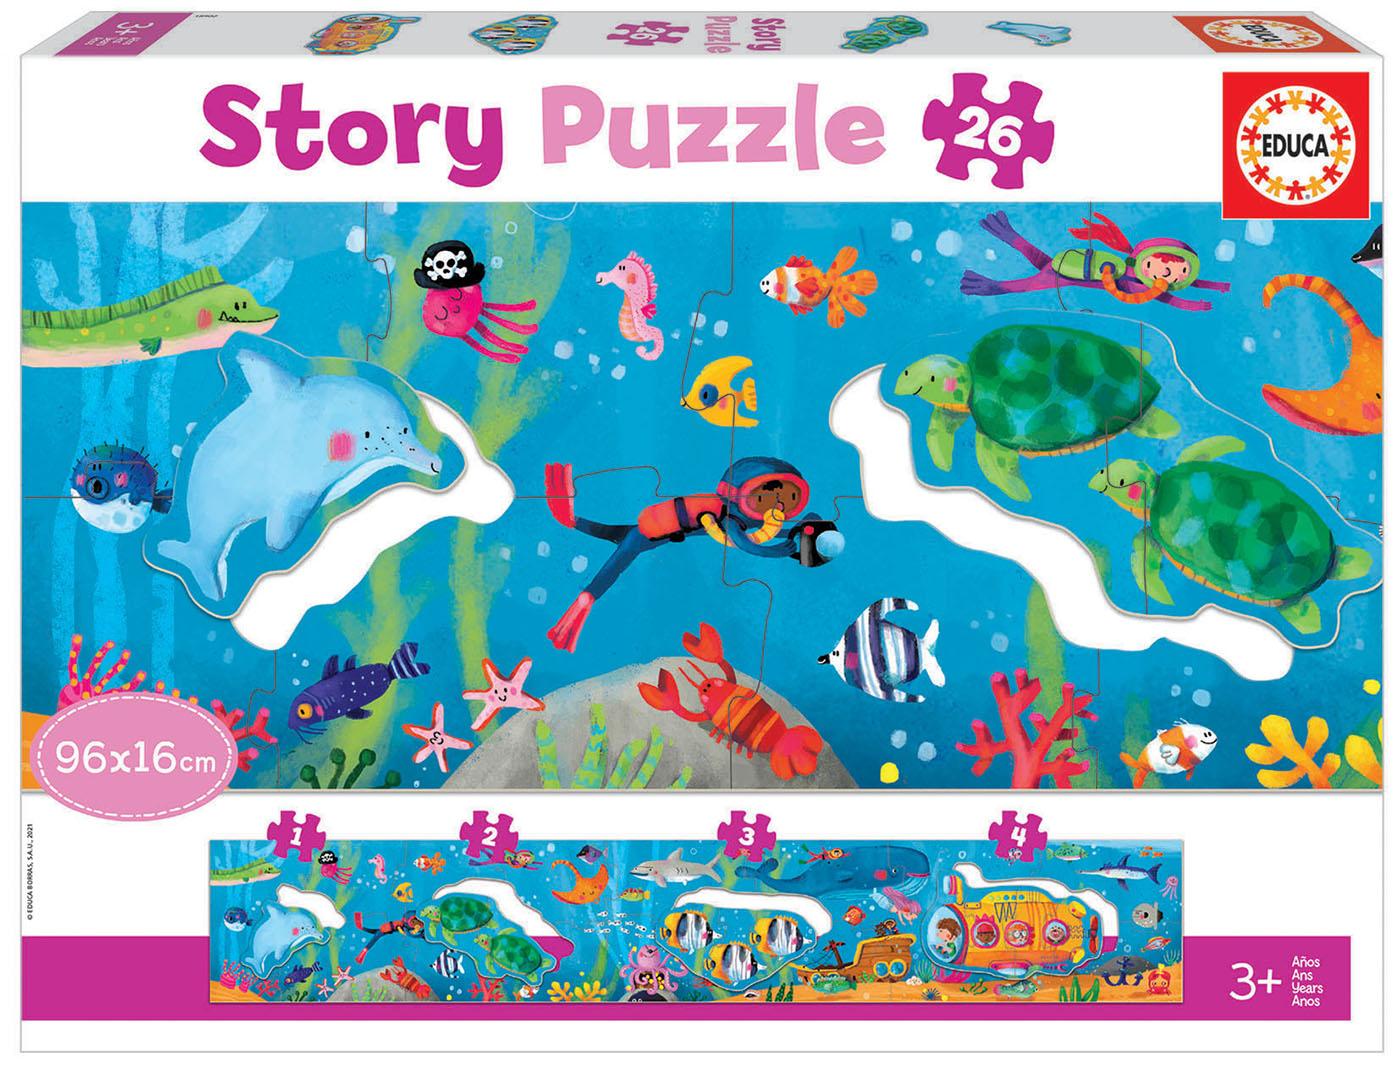 26 Mundo Subaquático Story Puzzle